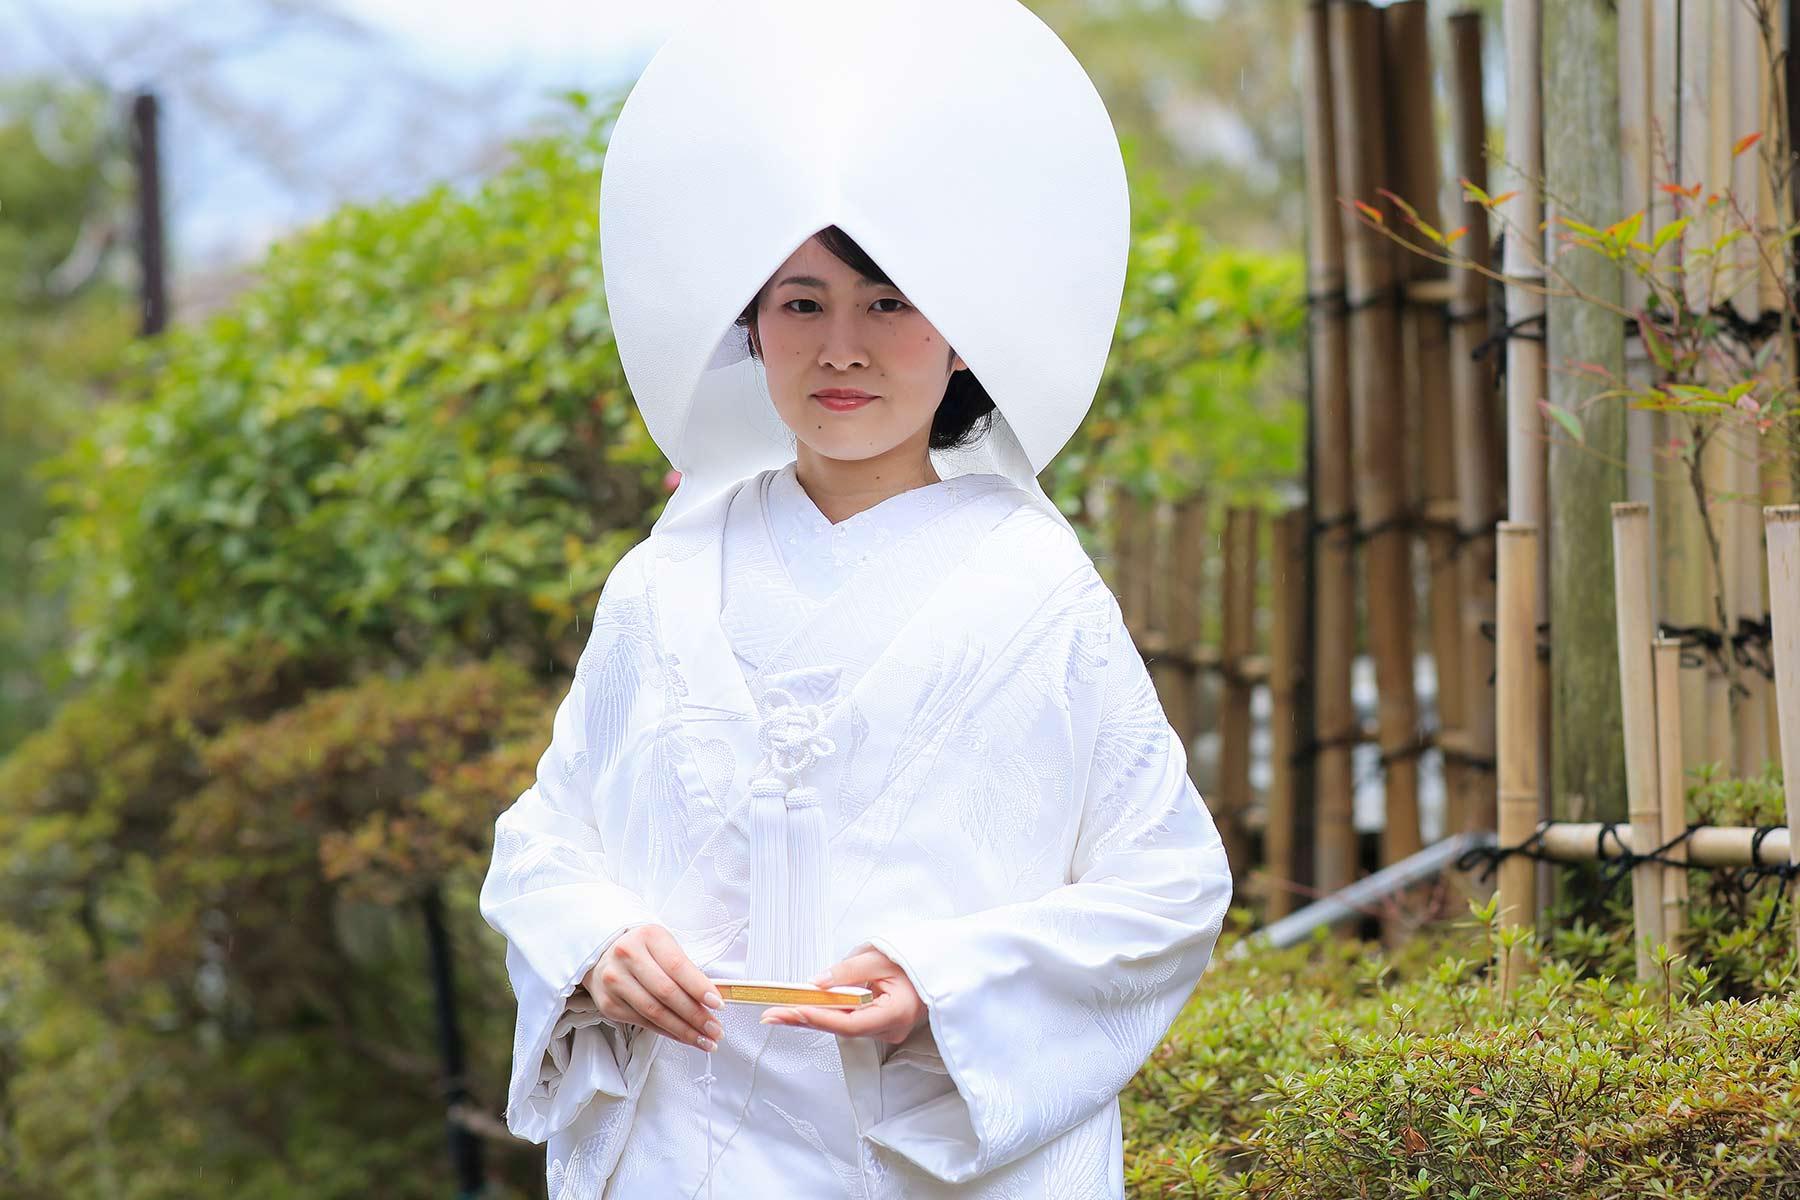 白無垢綿帽子姿の花嫁様のシングルカット